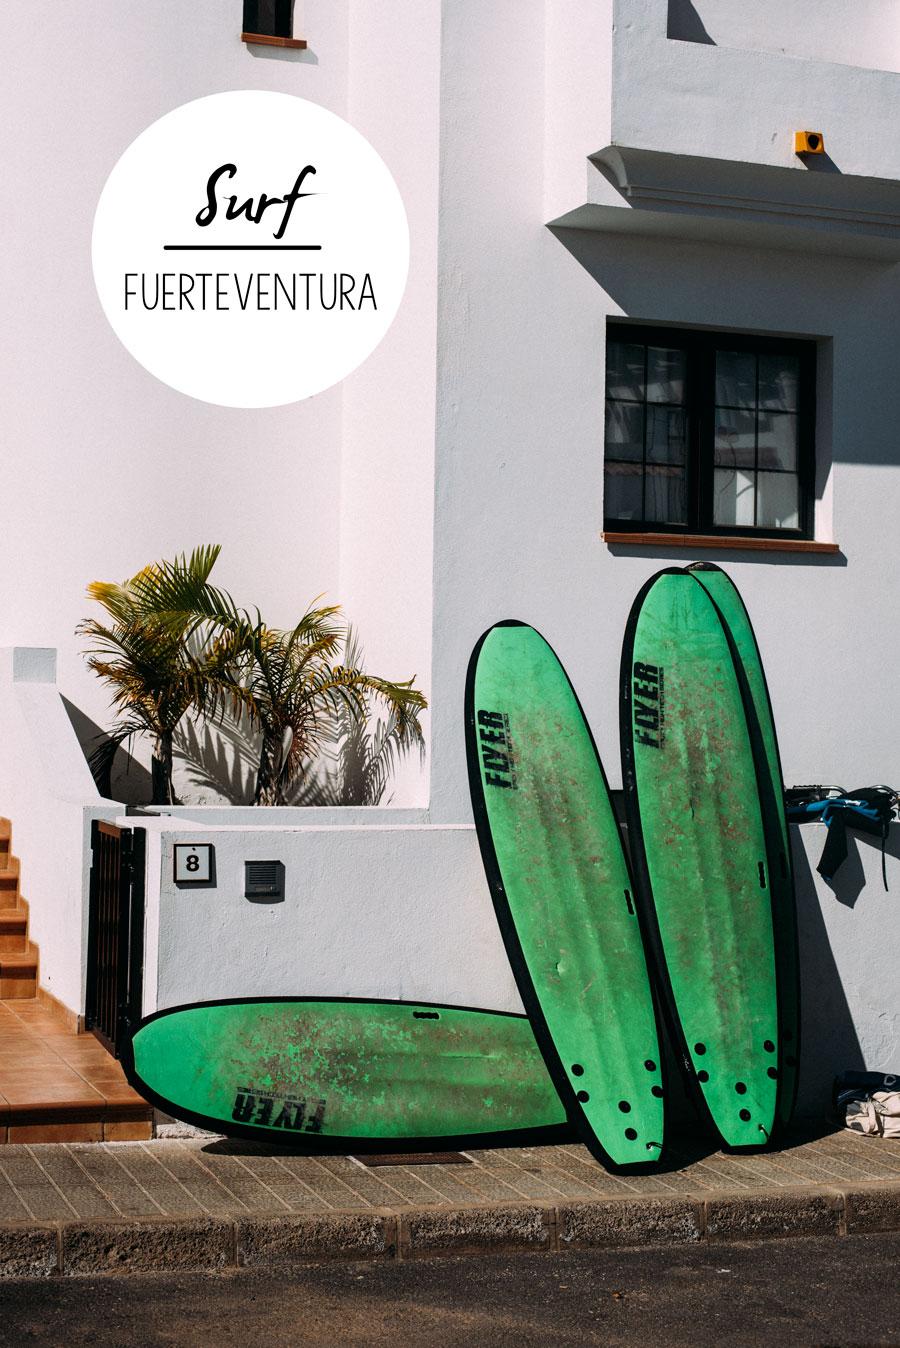 surf-fuerteventura.jpg